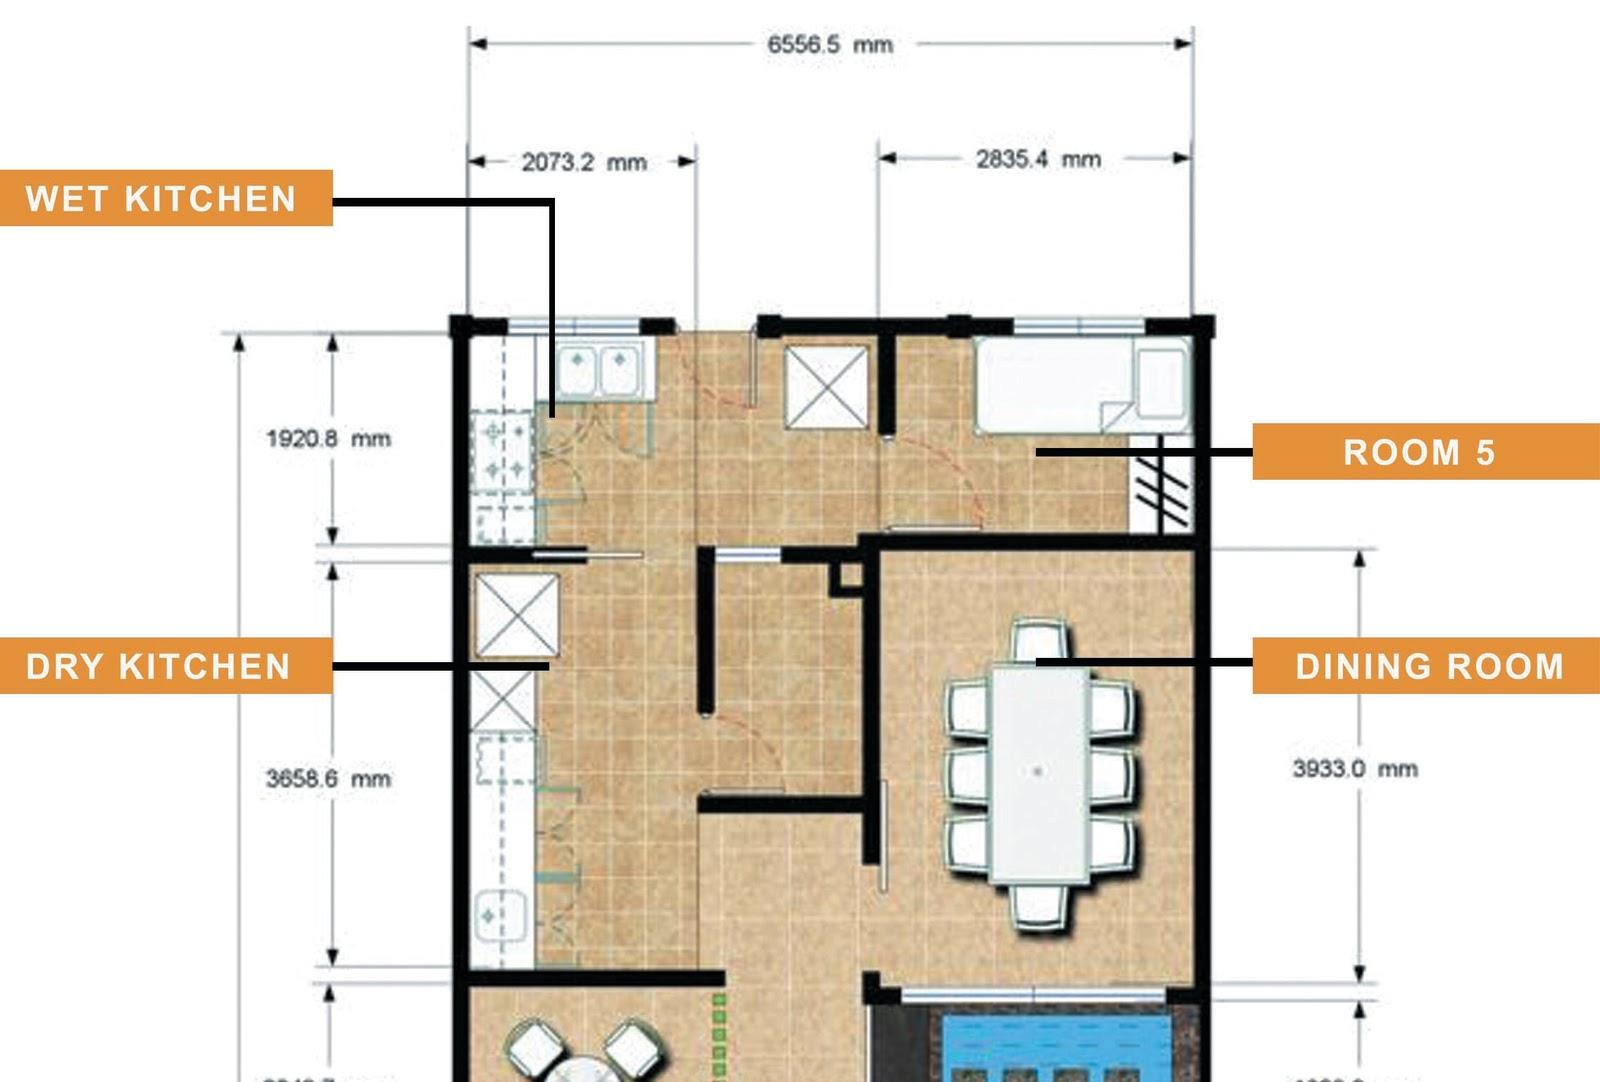 Ruang Dapur Basah Dan Kering